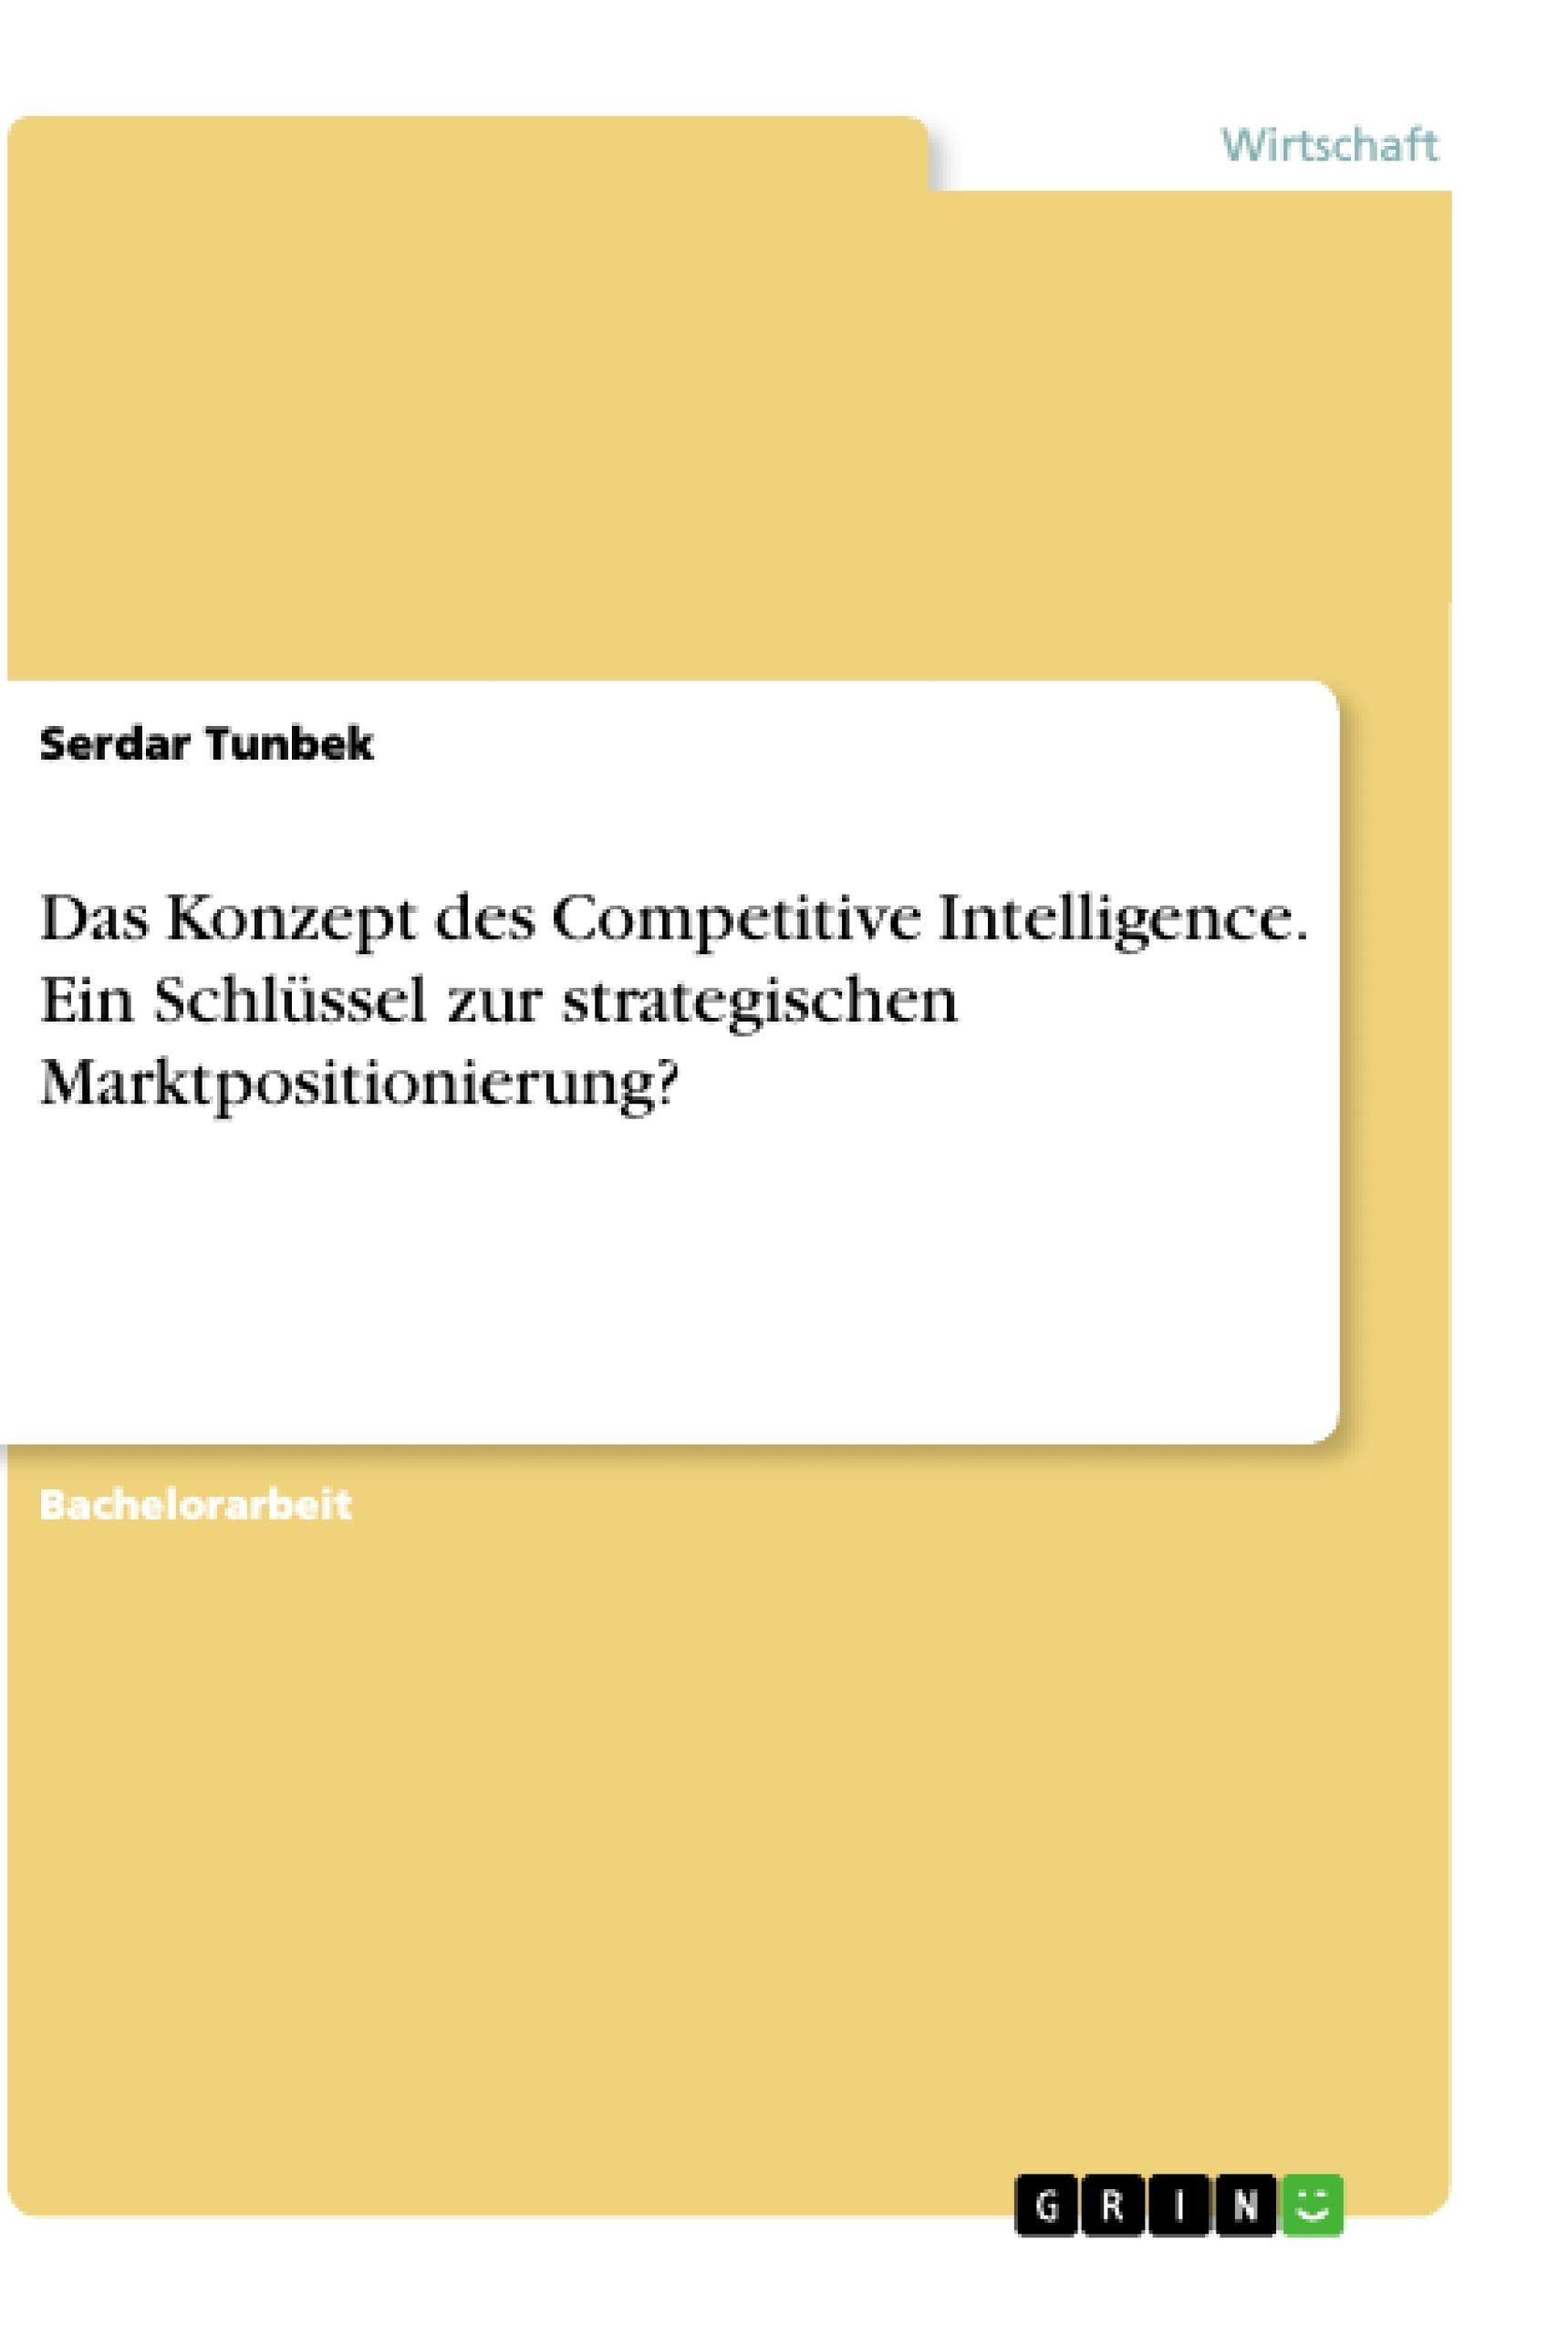 Titel: Das Konzept des Competitive Intelligence. Ein Schlüssel zur strategischen Marktpositionierung?